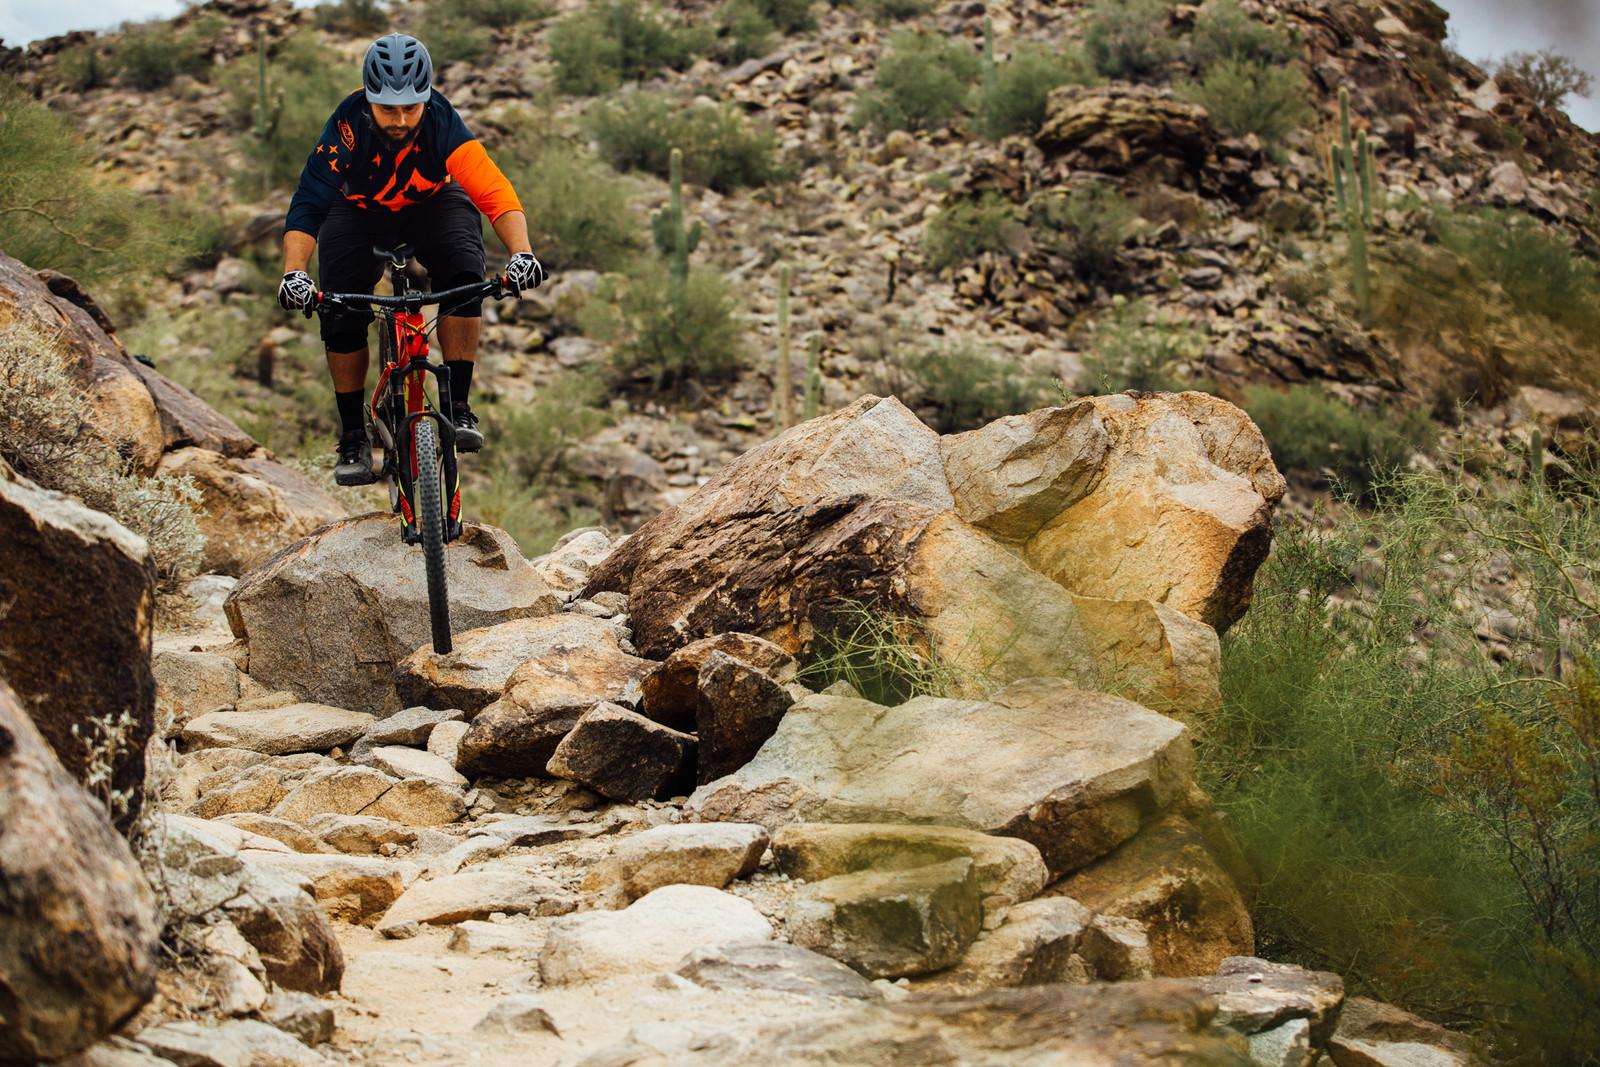 Felt Decree 3 - 2016 Vital MTB Test Sessions - Felt Decree 3 - 2016 Vital MTB Test Sessions - Mountain Biking Pictures - Vital MTB